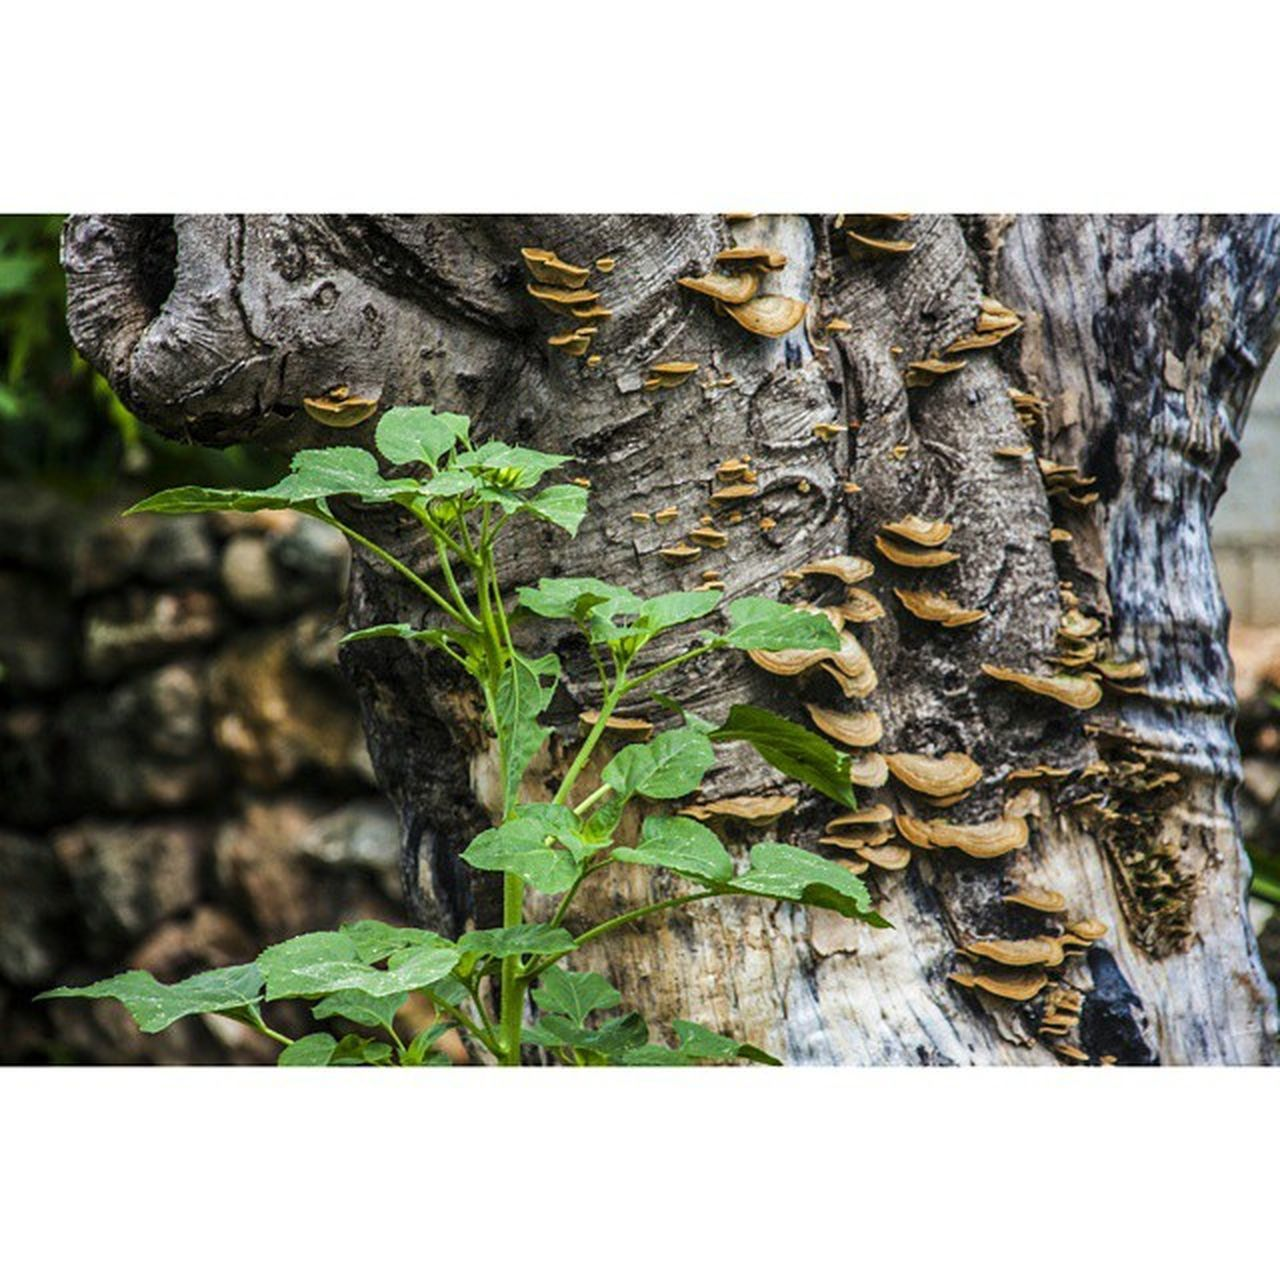 Canon 5dmarkll Natural Naturaleza árbol Arte Color Fotografo Foto Hongo Mexicomagico Mimexico Yúcatan Tdt